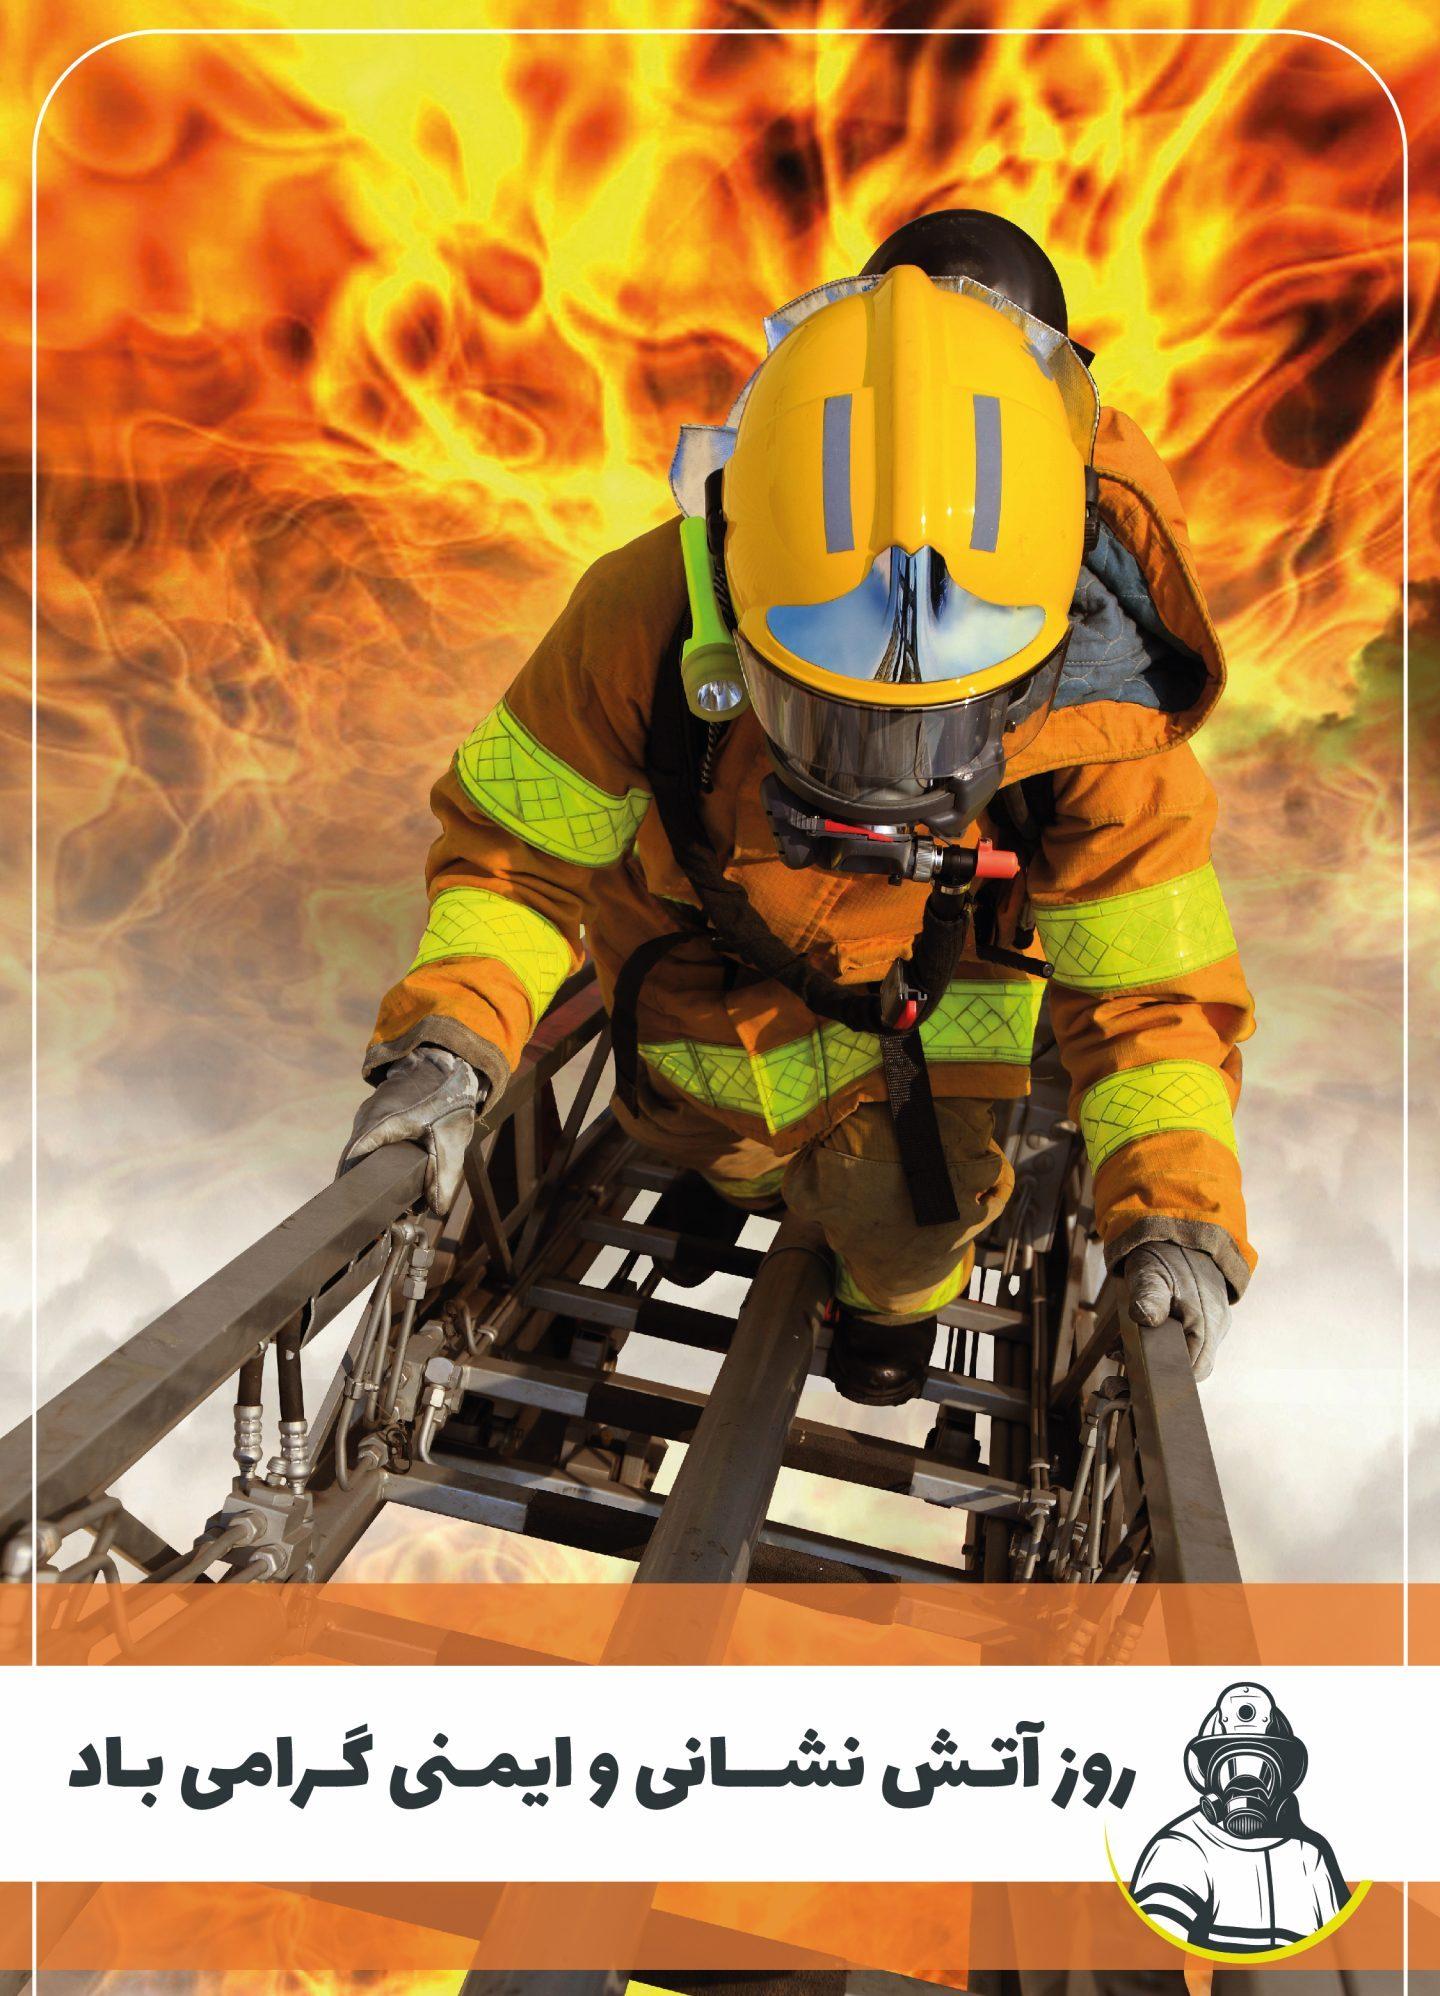 روز آتش نشانی و ایمنی